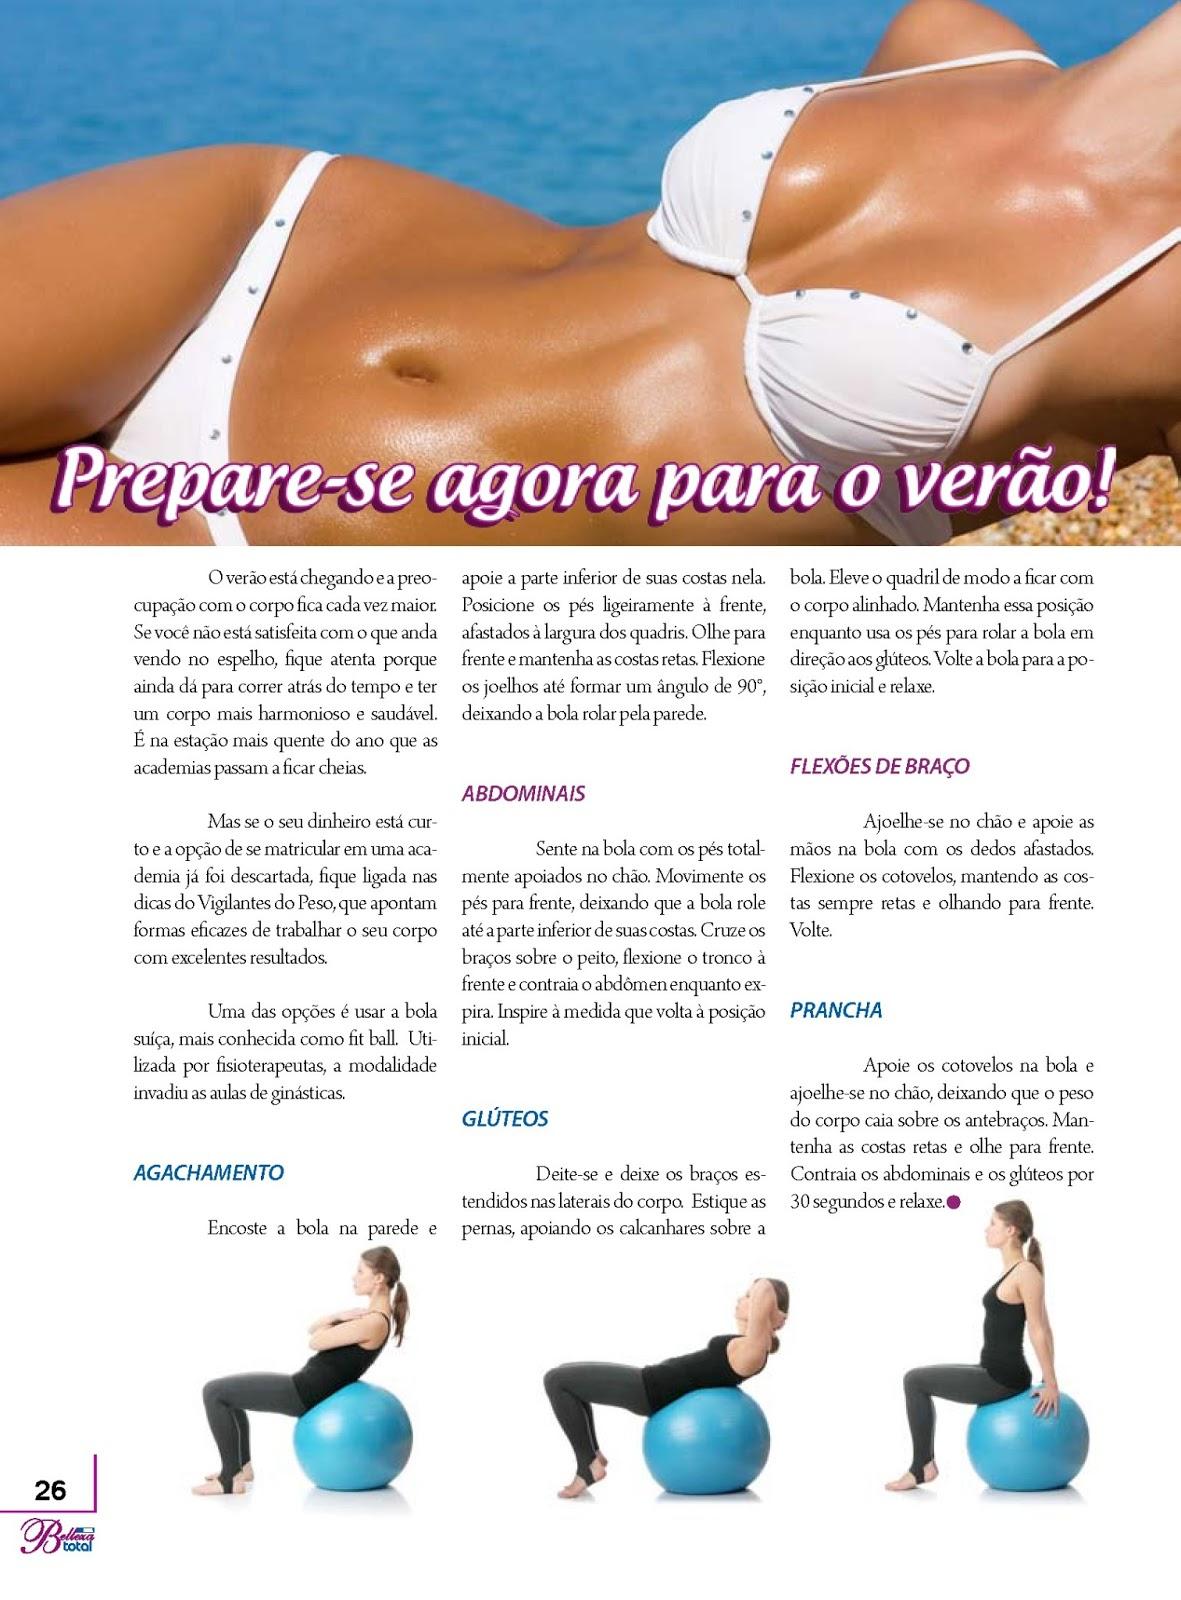 <b>COMO FICAR BONITA</b> OU <b>BONITO</b> - Cuidar da pele todos os dias 2014